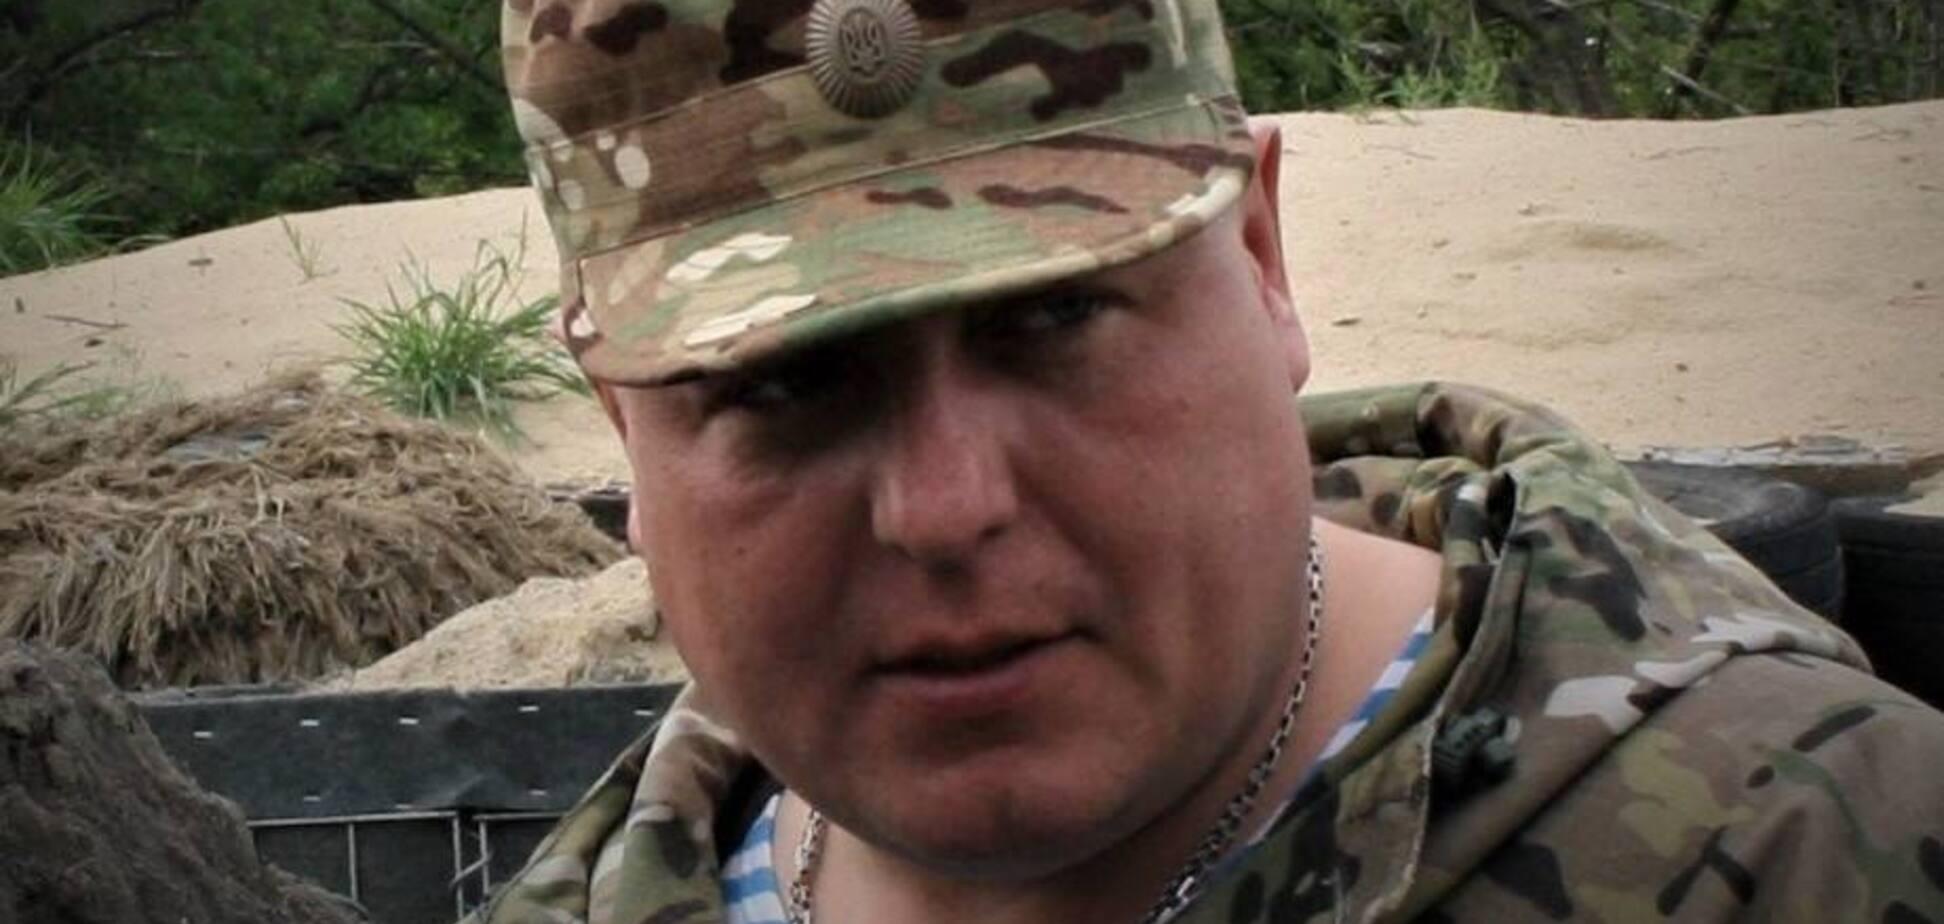 На Донбассе погиб командир батальона 'Луганск-1', еще трое ранены: появились детали